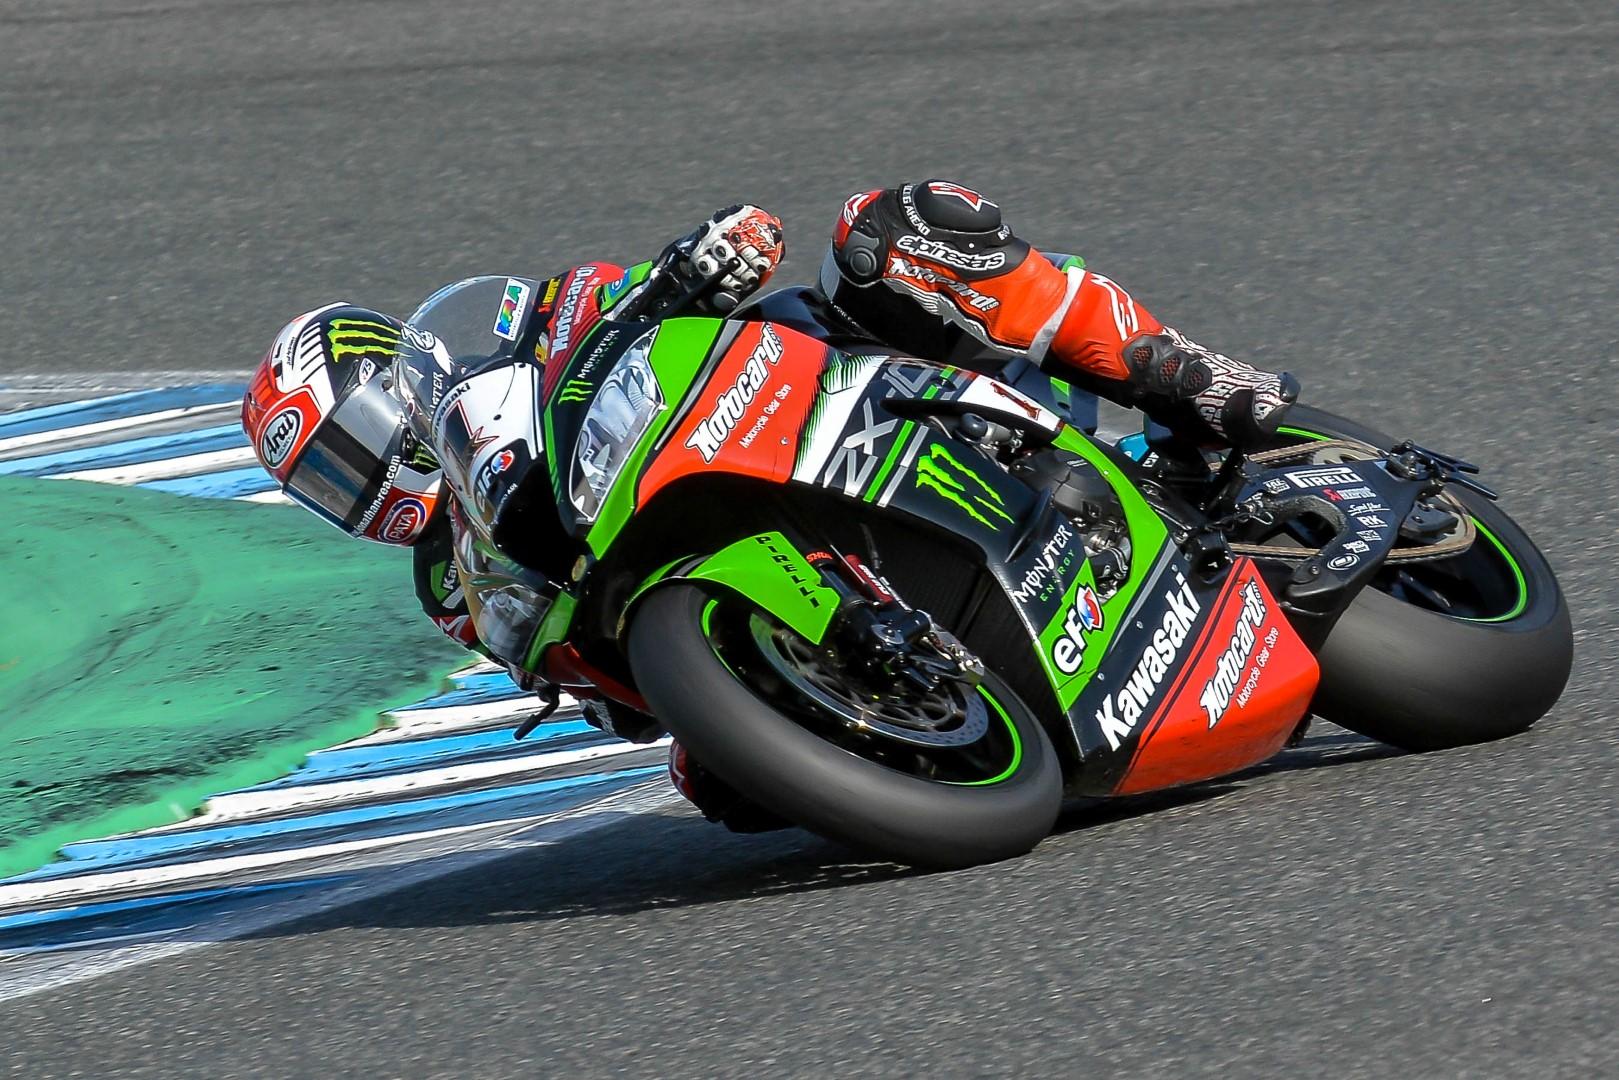 Las Superbike completan una satisfactoria sesión de test en Jerez